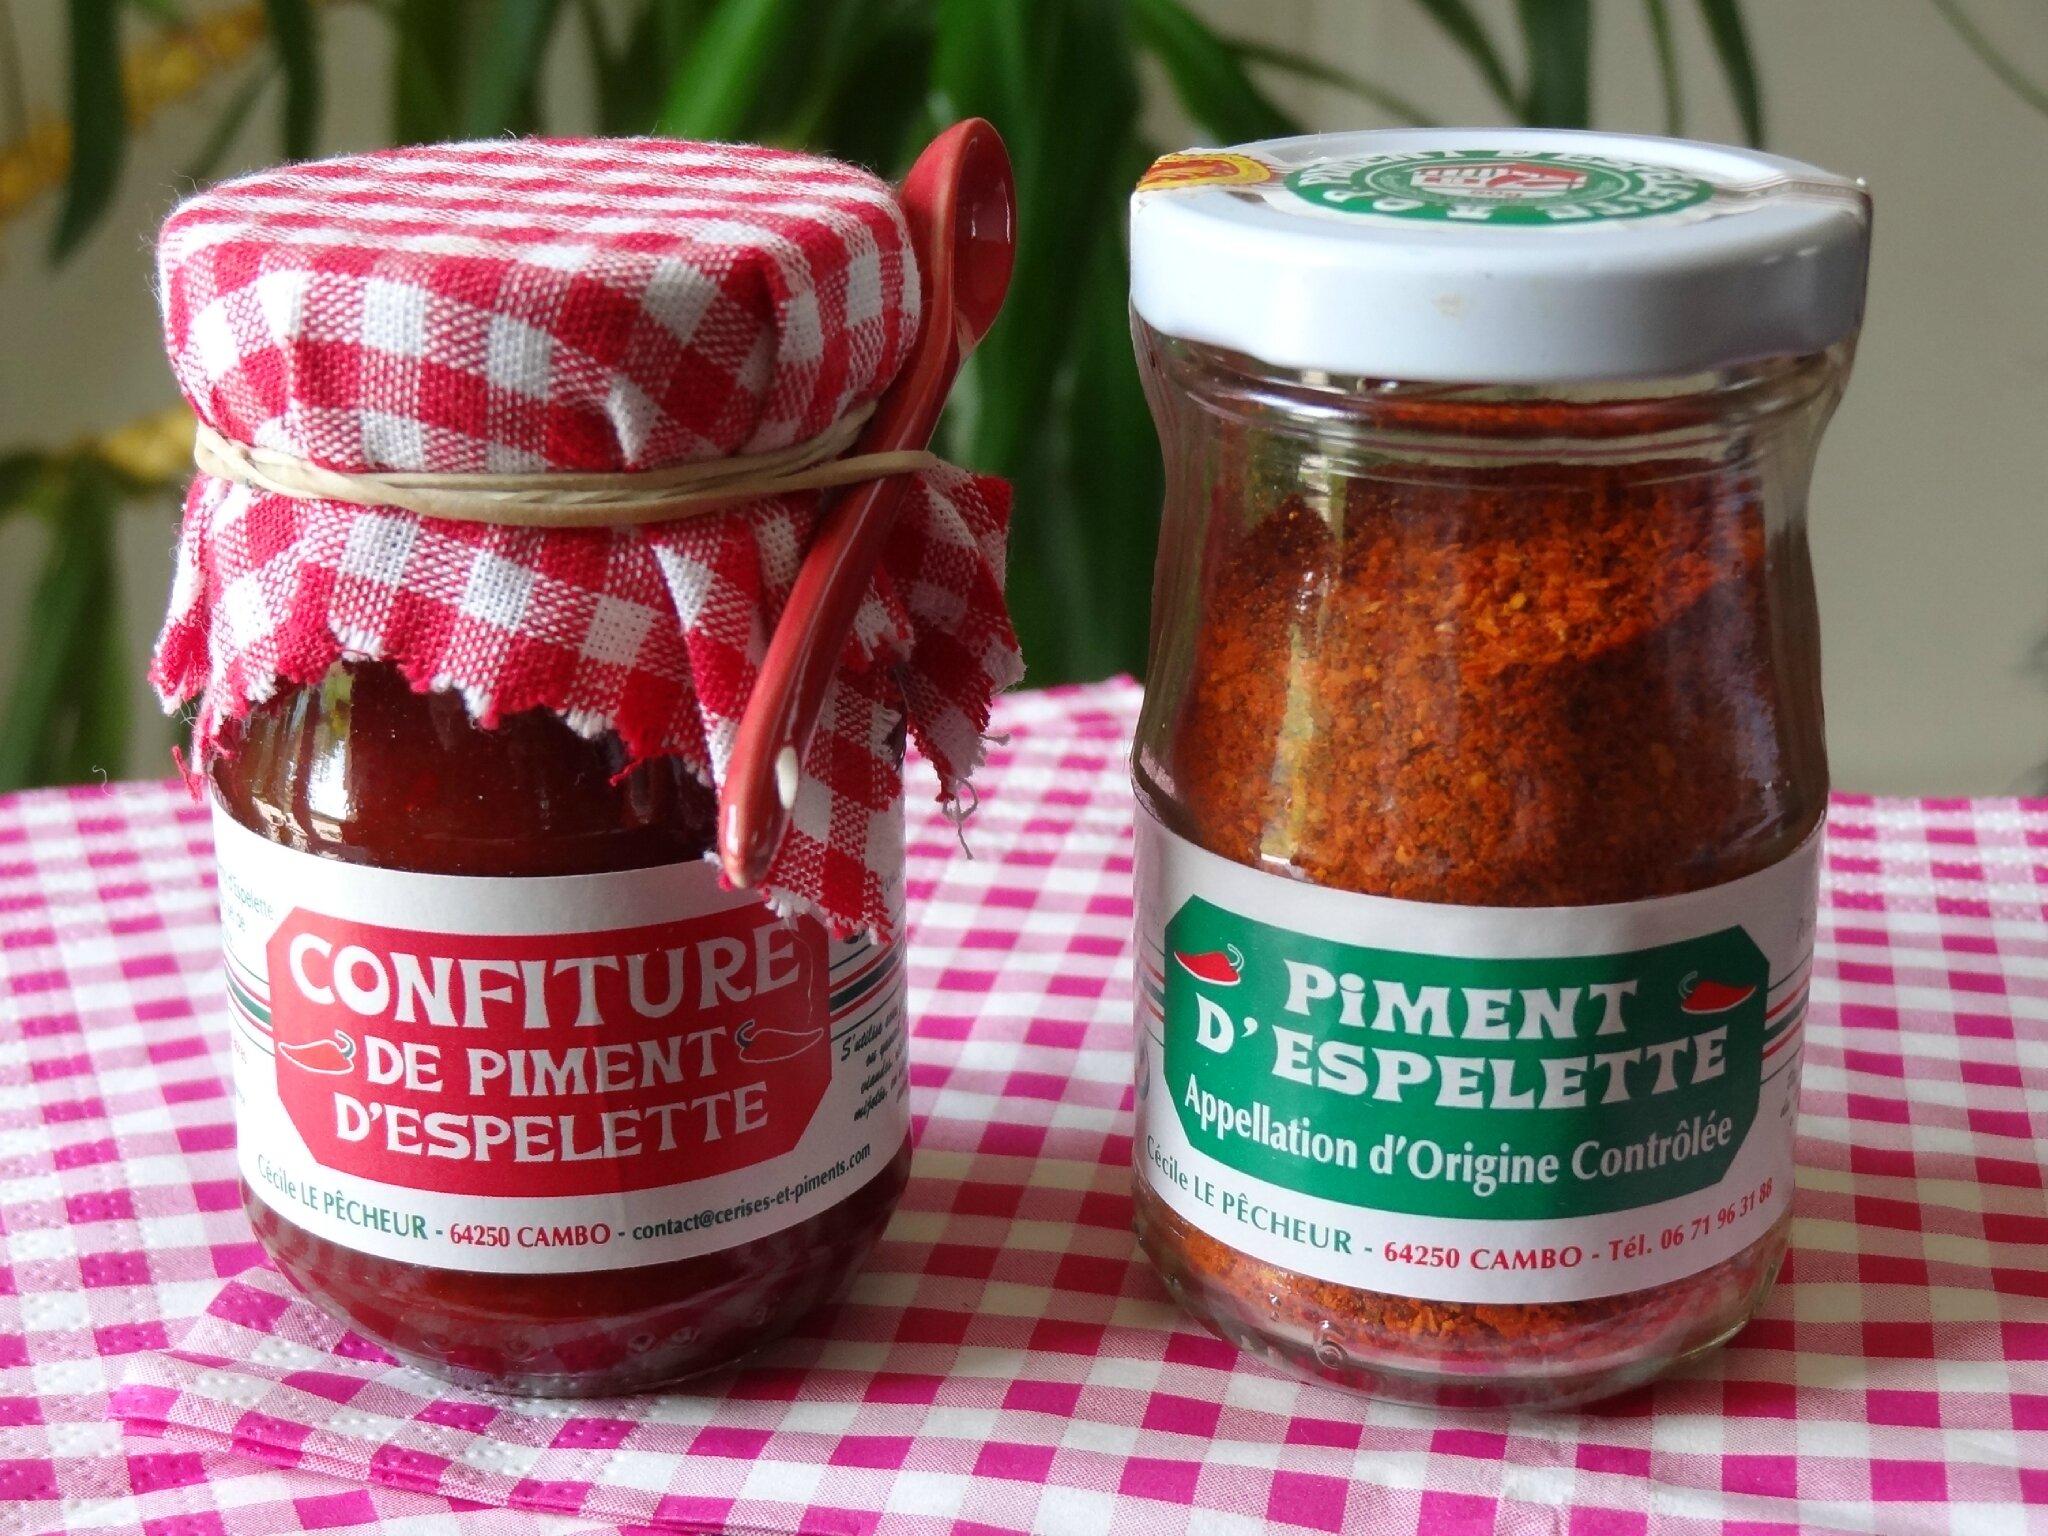 Partenariat 27 cerises et piments la cuisine de nelly - Graine de piment d espelette ...